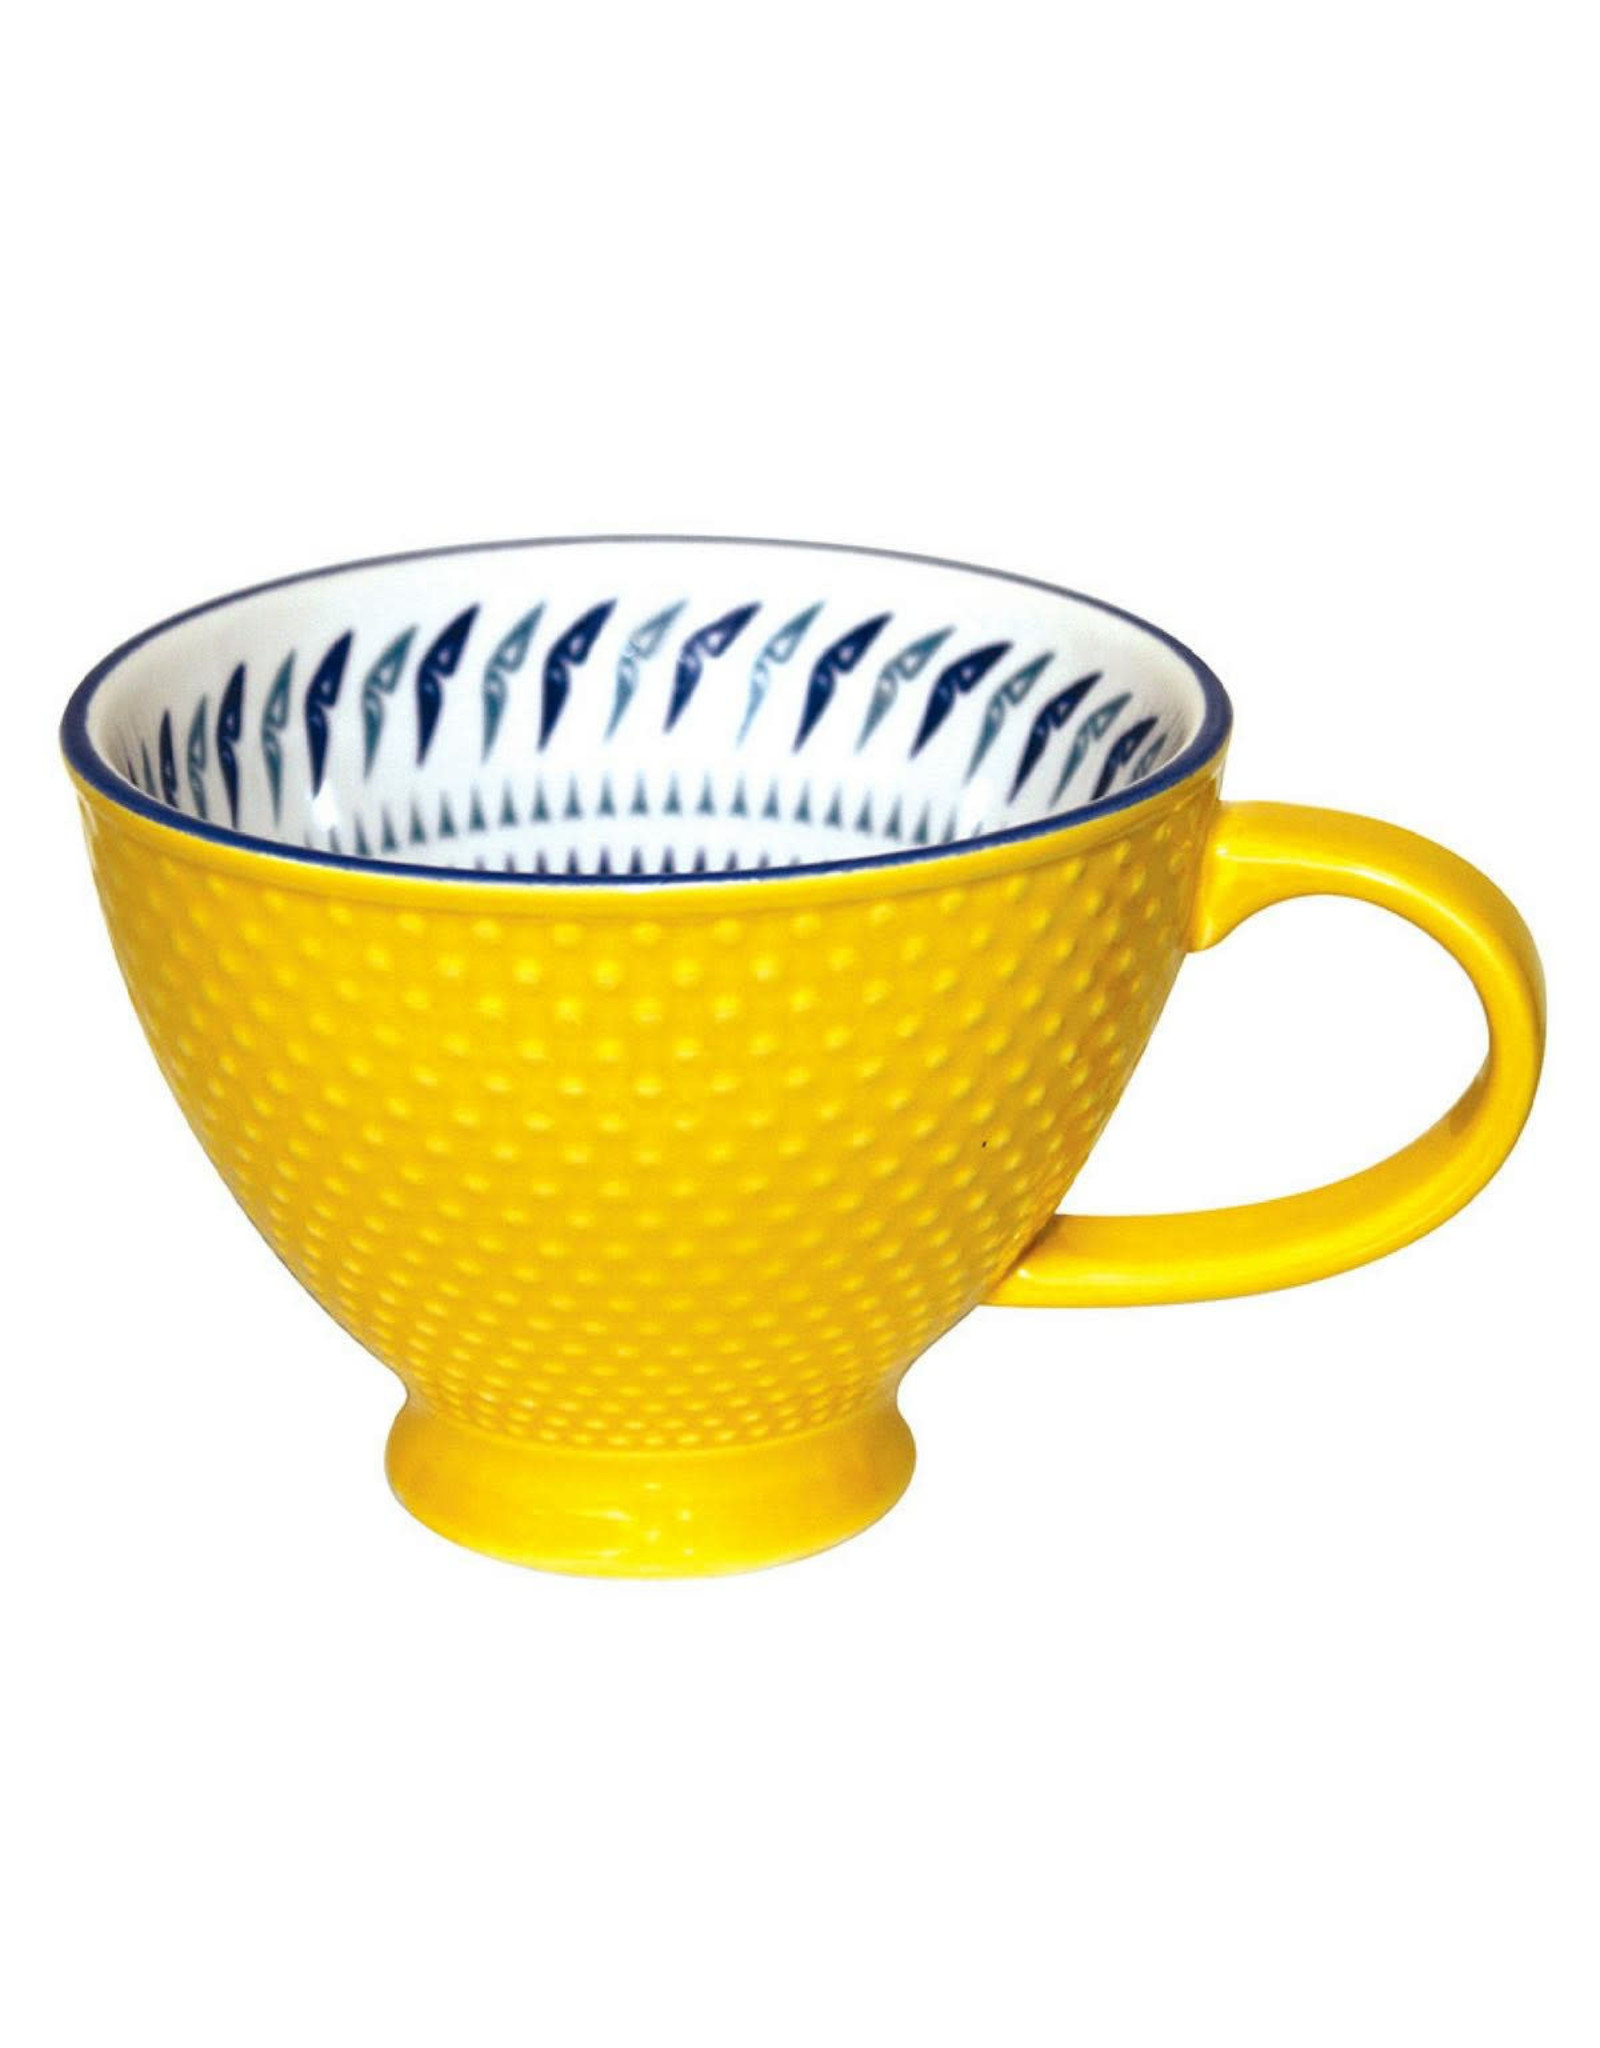 Porcelain Art Mug - Hummingbird By Maynard Johnny Jr.